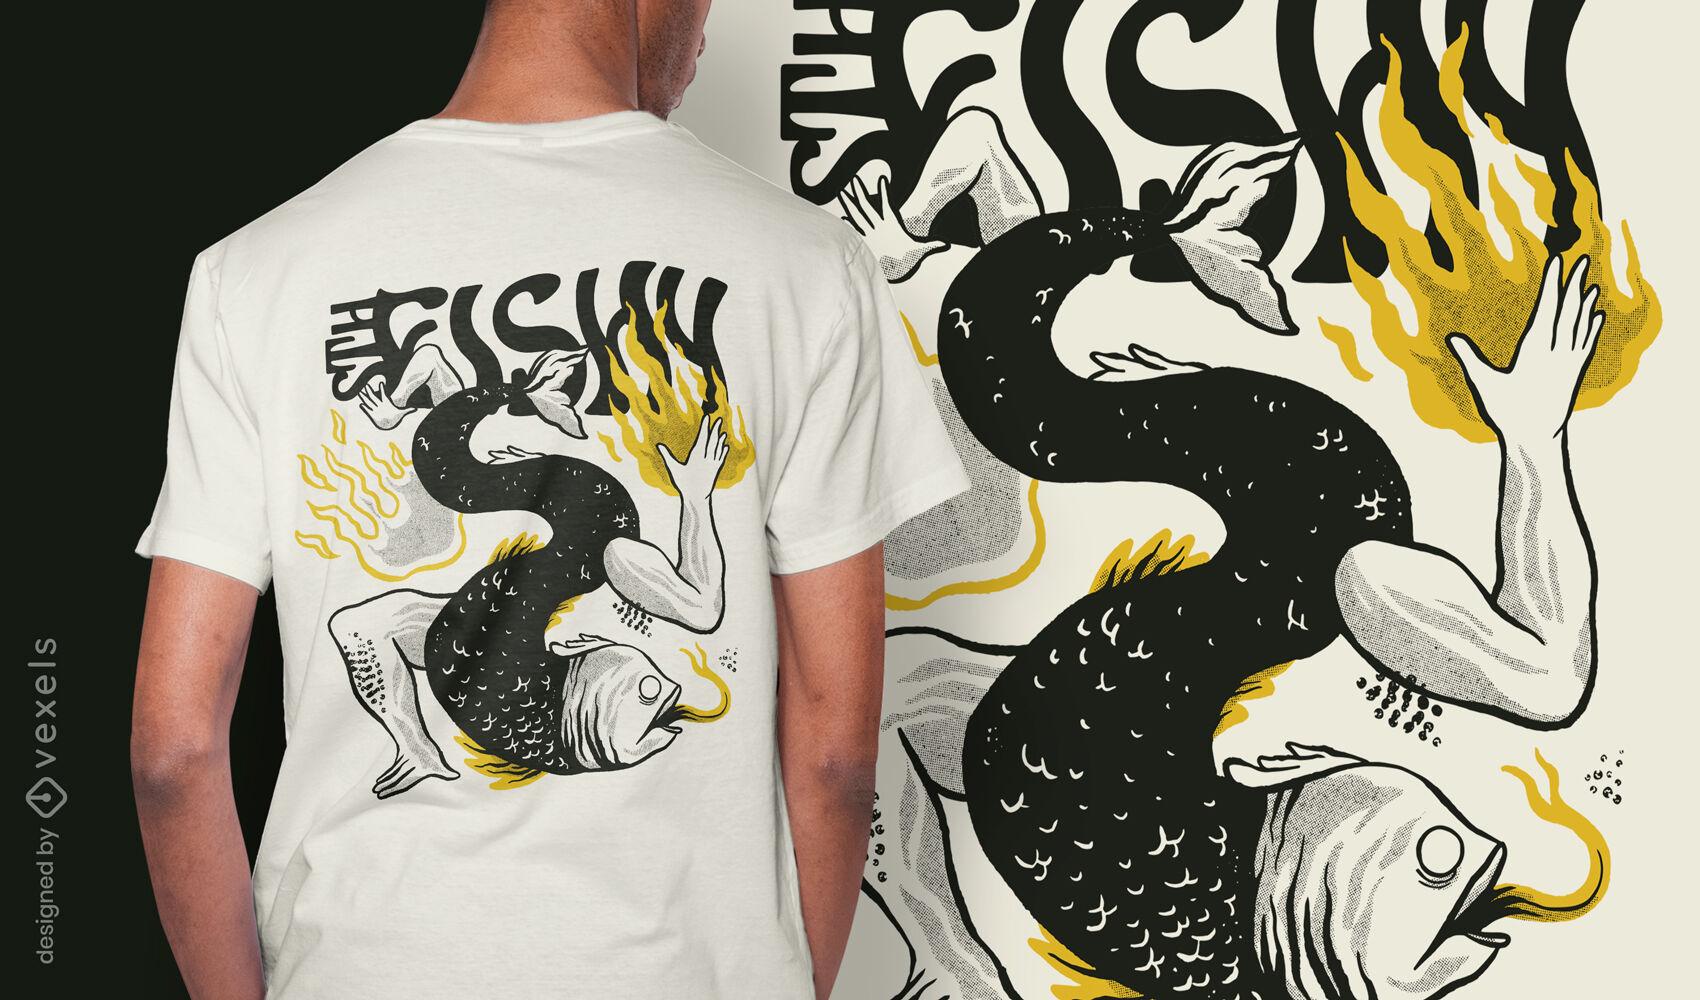 Bizarre fish body animal t-shirt design